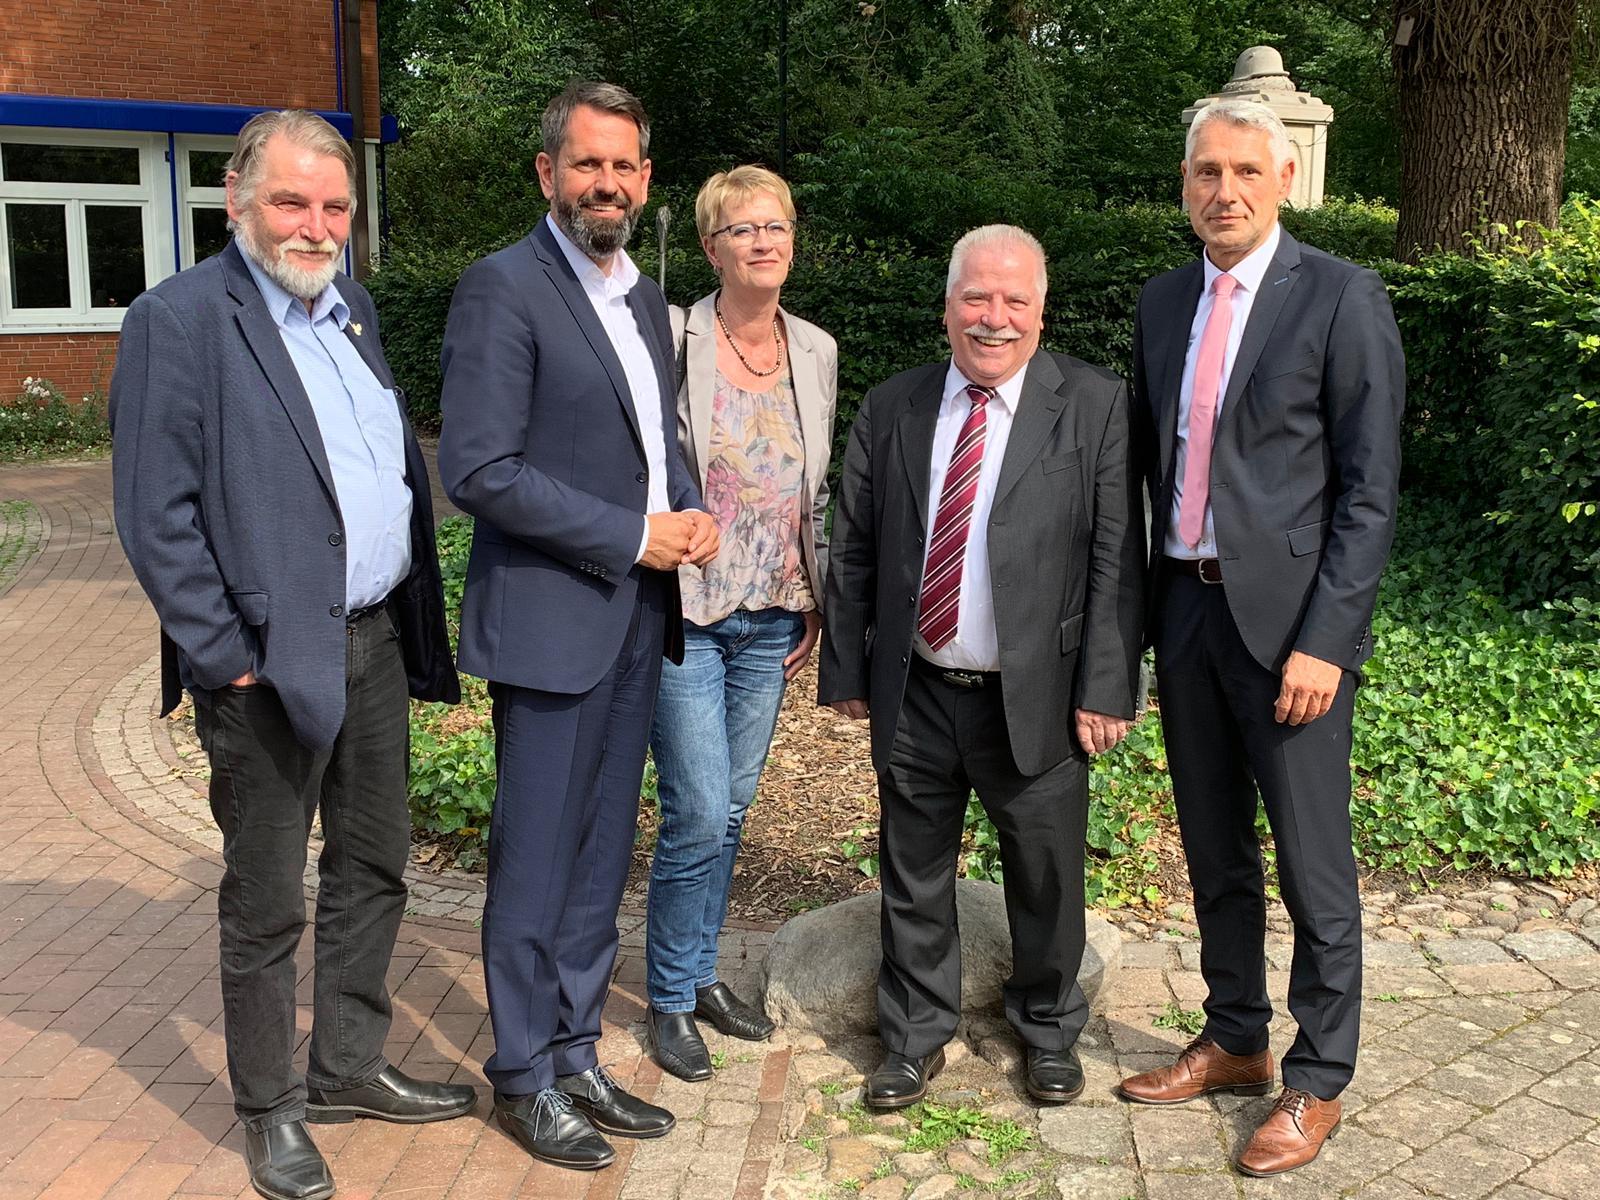 A.Brammer;O.Lies; K.Johannes;H.Giese; T.Schmidtke